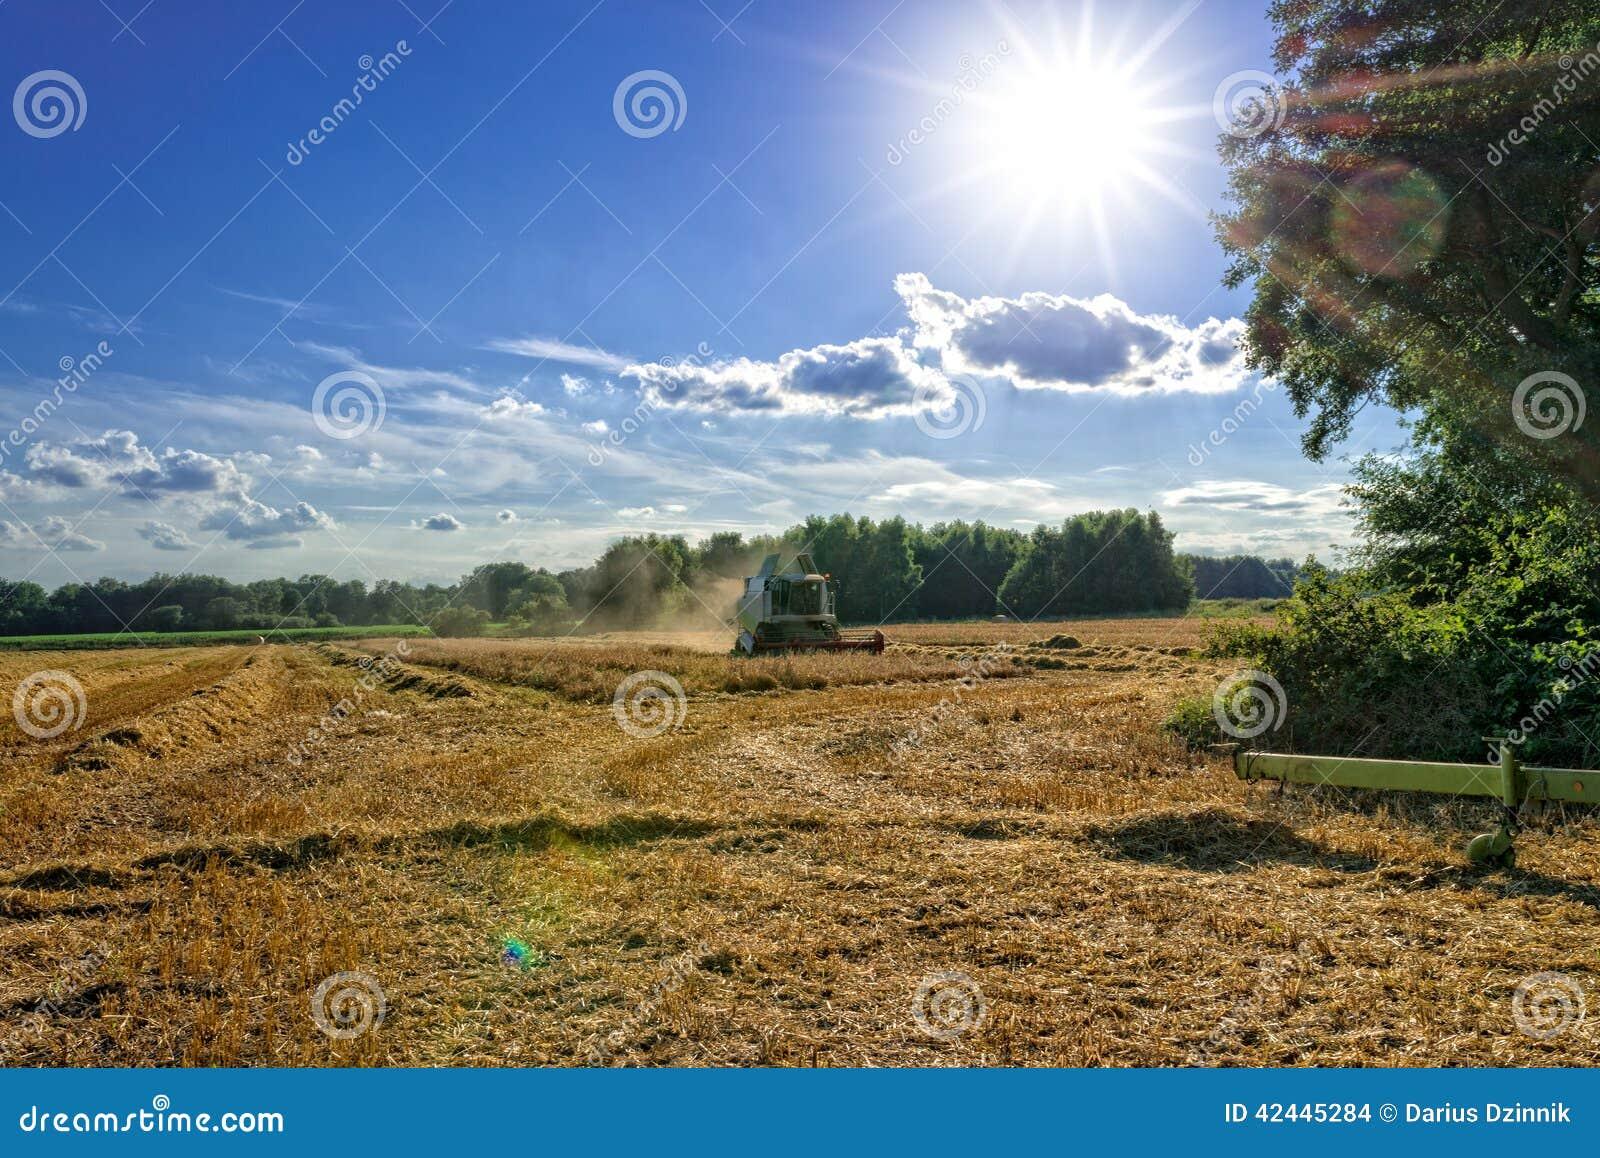 Tractores y cosecha - vintage